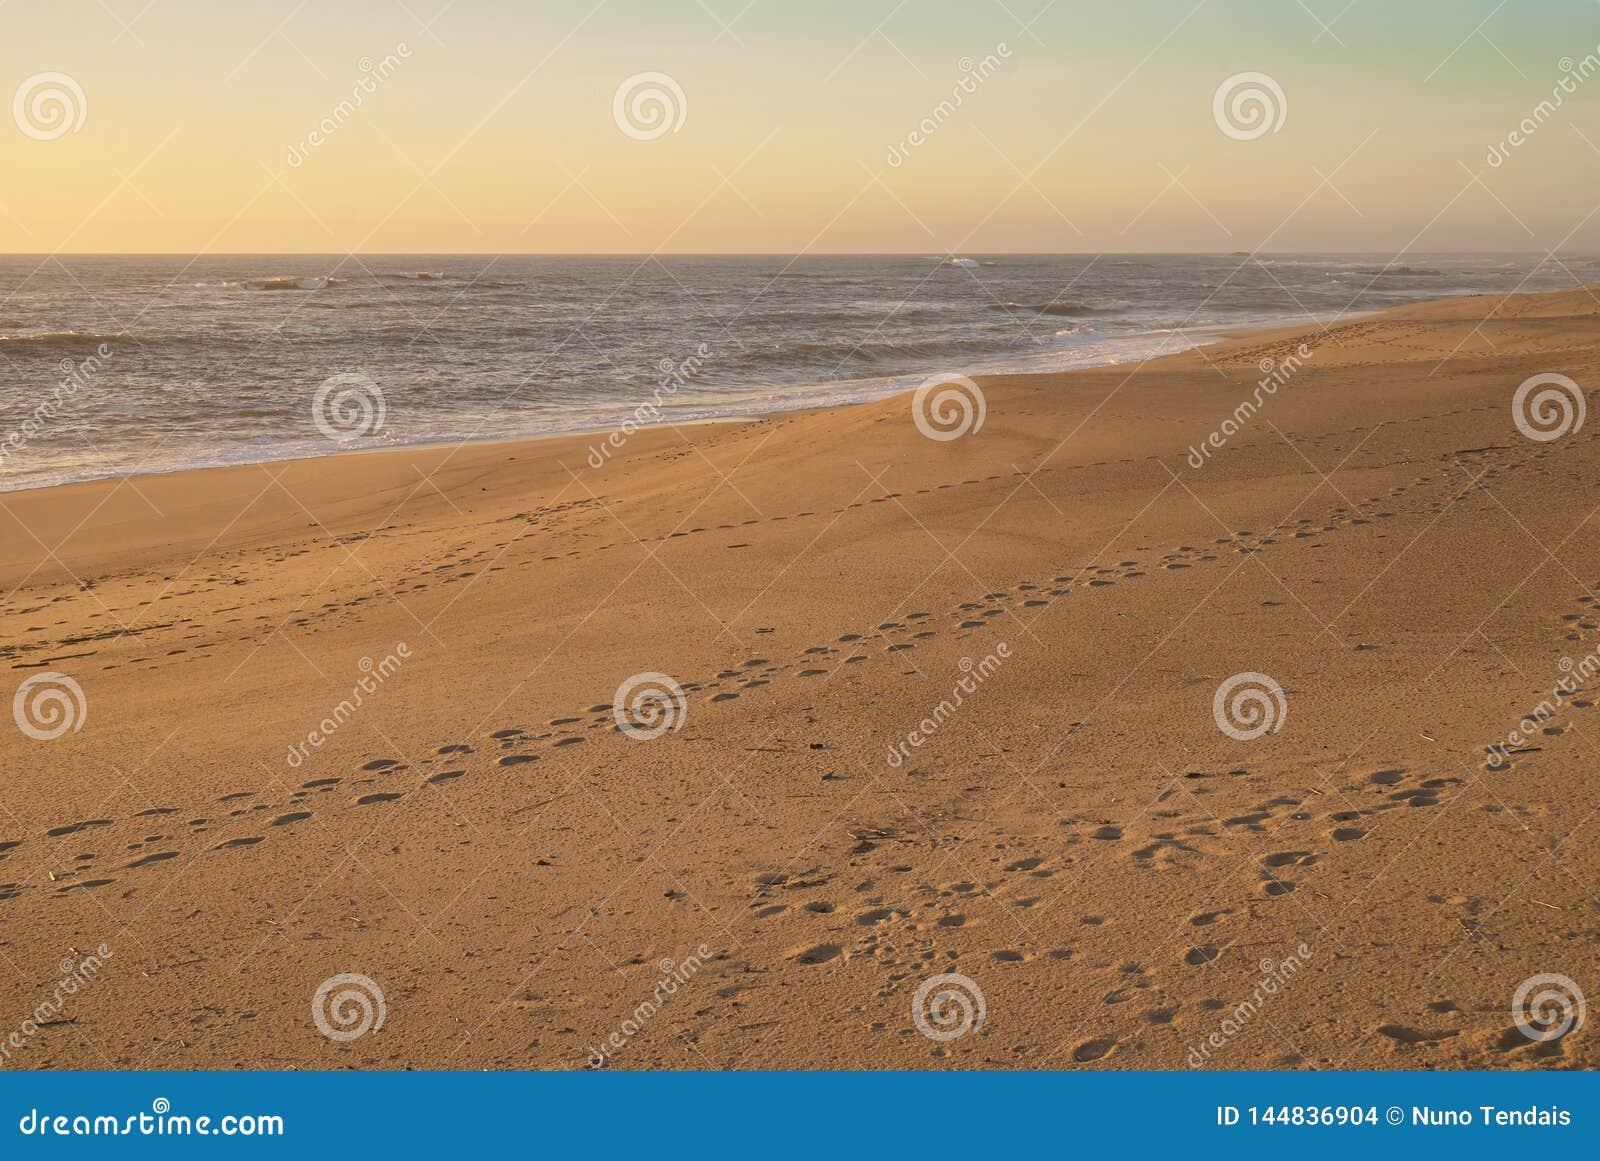 Orme sulla spiaggia vuota